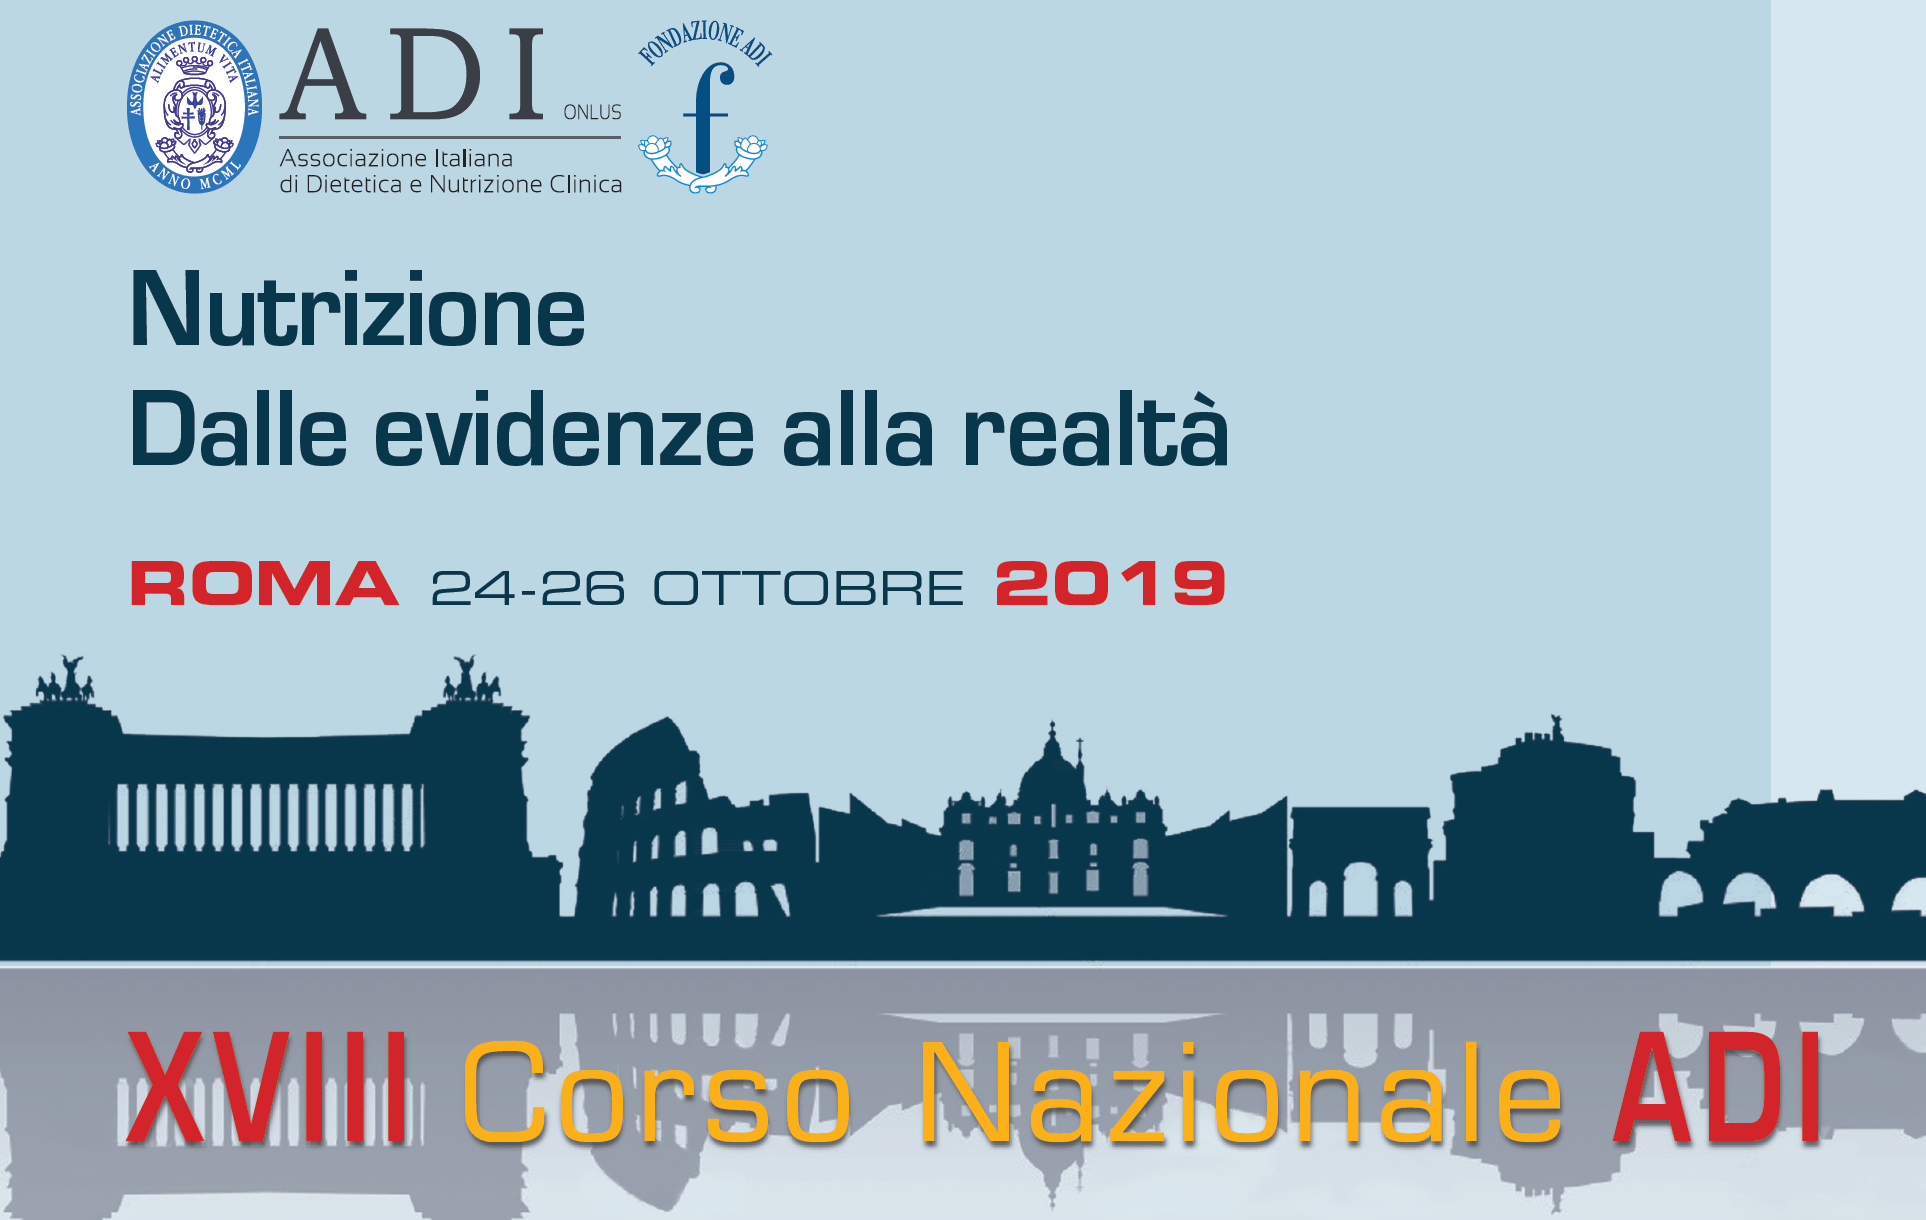 corso nazionale ADI roma ottobre 2019